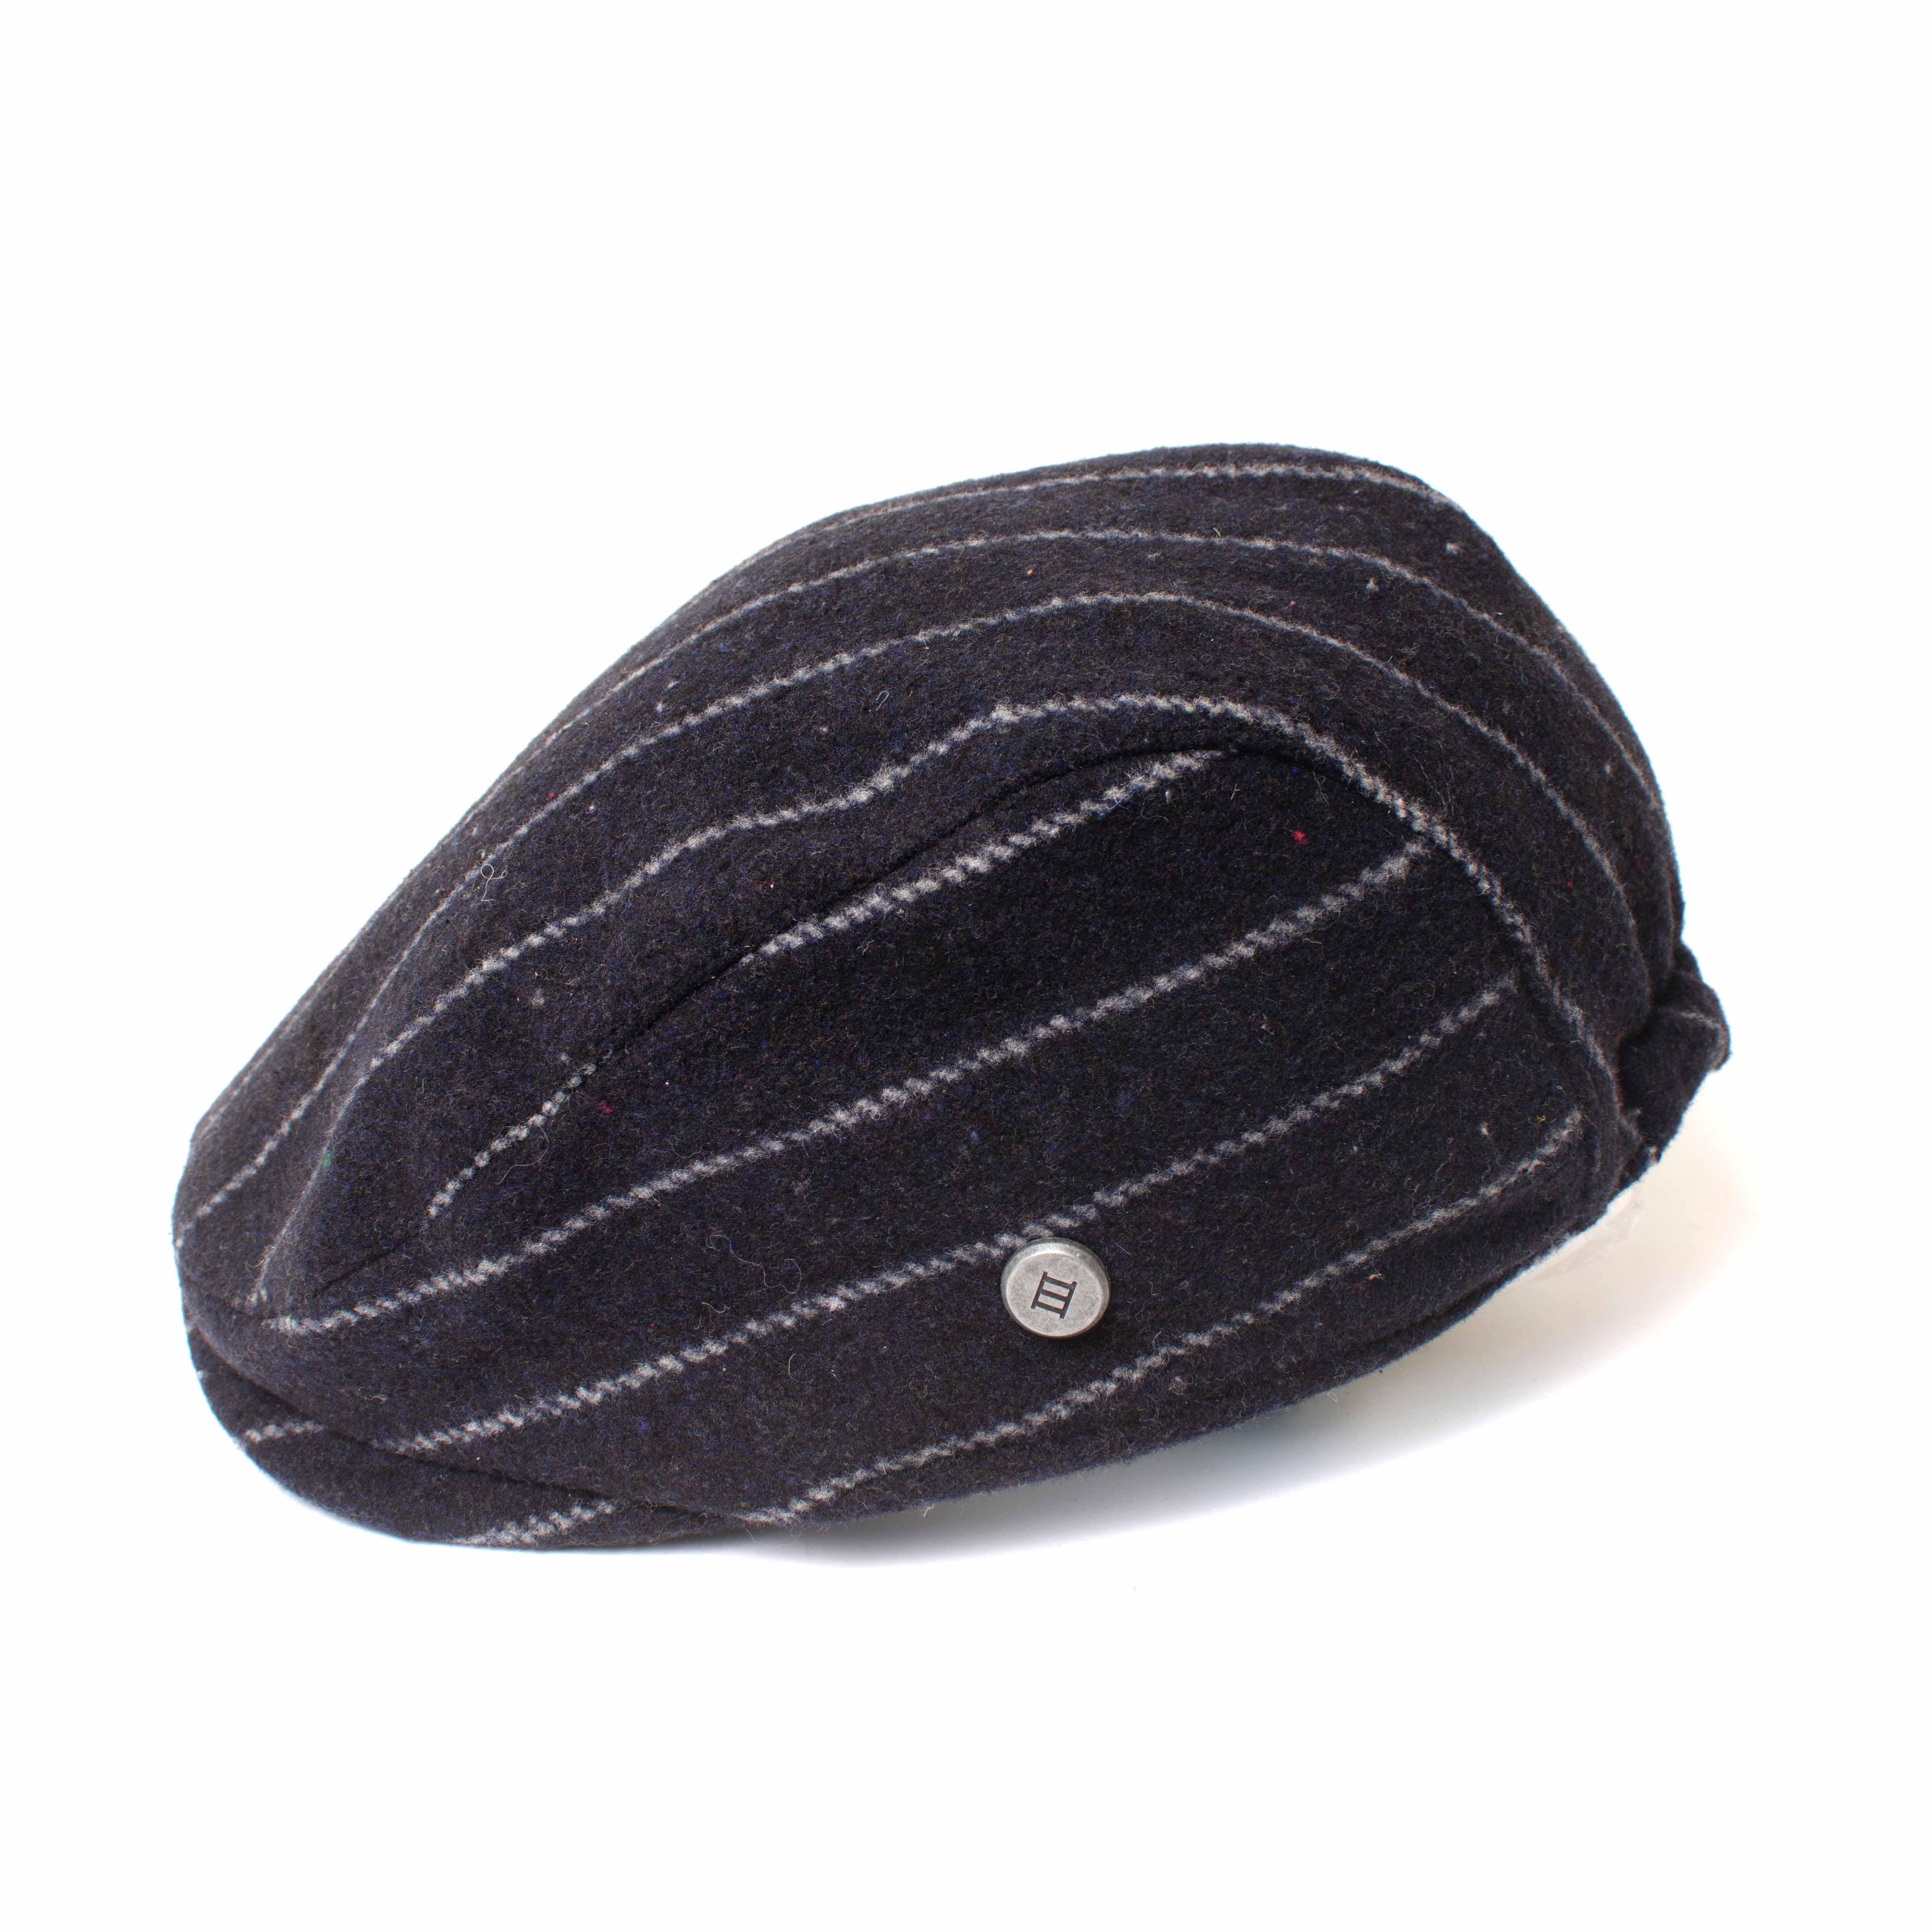 EXTON | Navy pinstripe flatcap